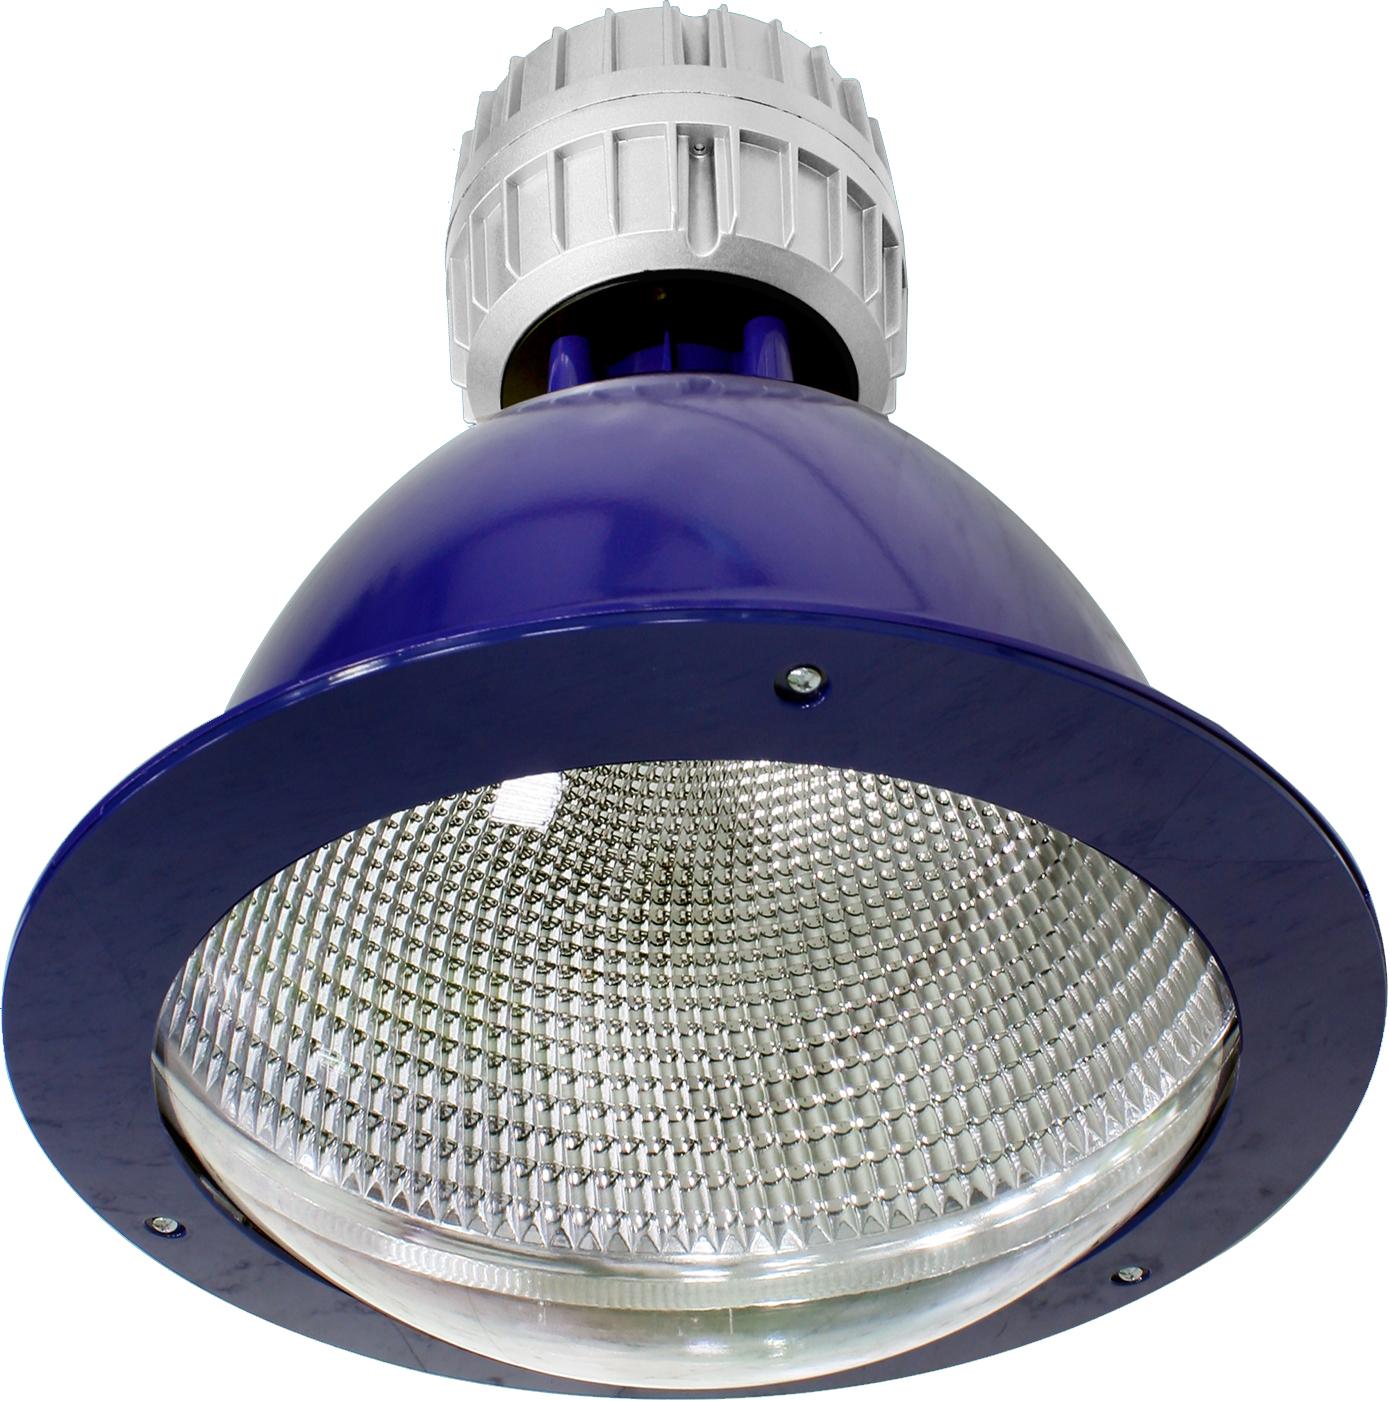 精緻型天井燈 / 堤維西交通工業股份有限公司